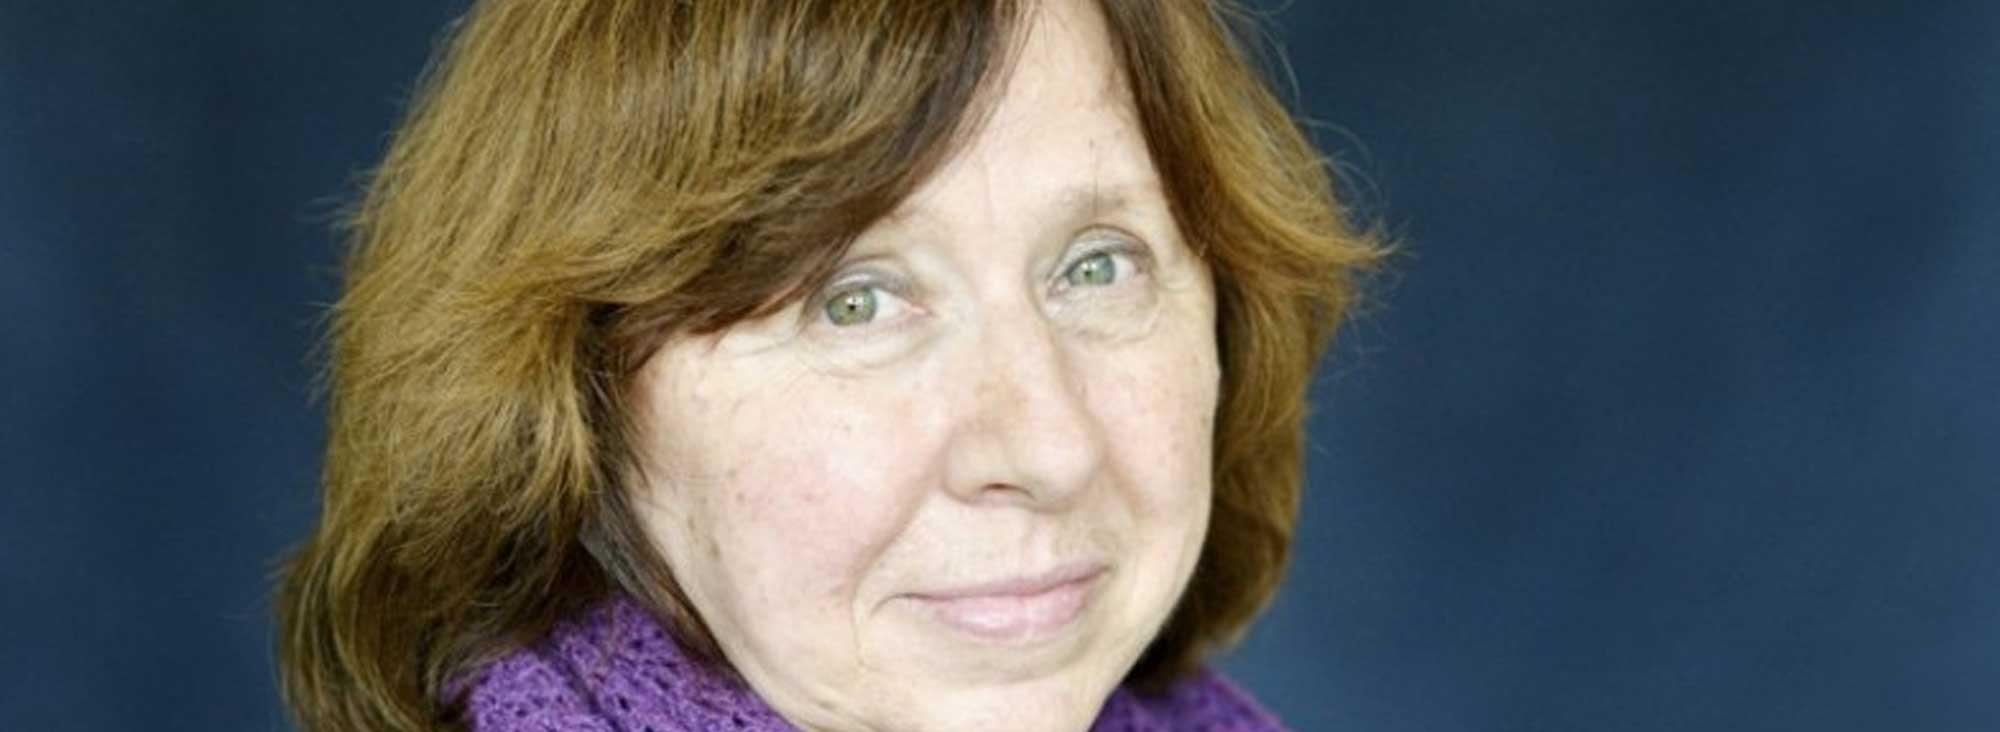 El acercamiento de Svetlana Alexievich hacia los sujetos de sus relatos se da mediante la entrevista y sus visitas a las áreas de los conflictos.